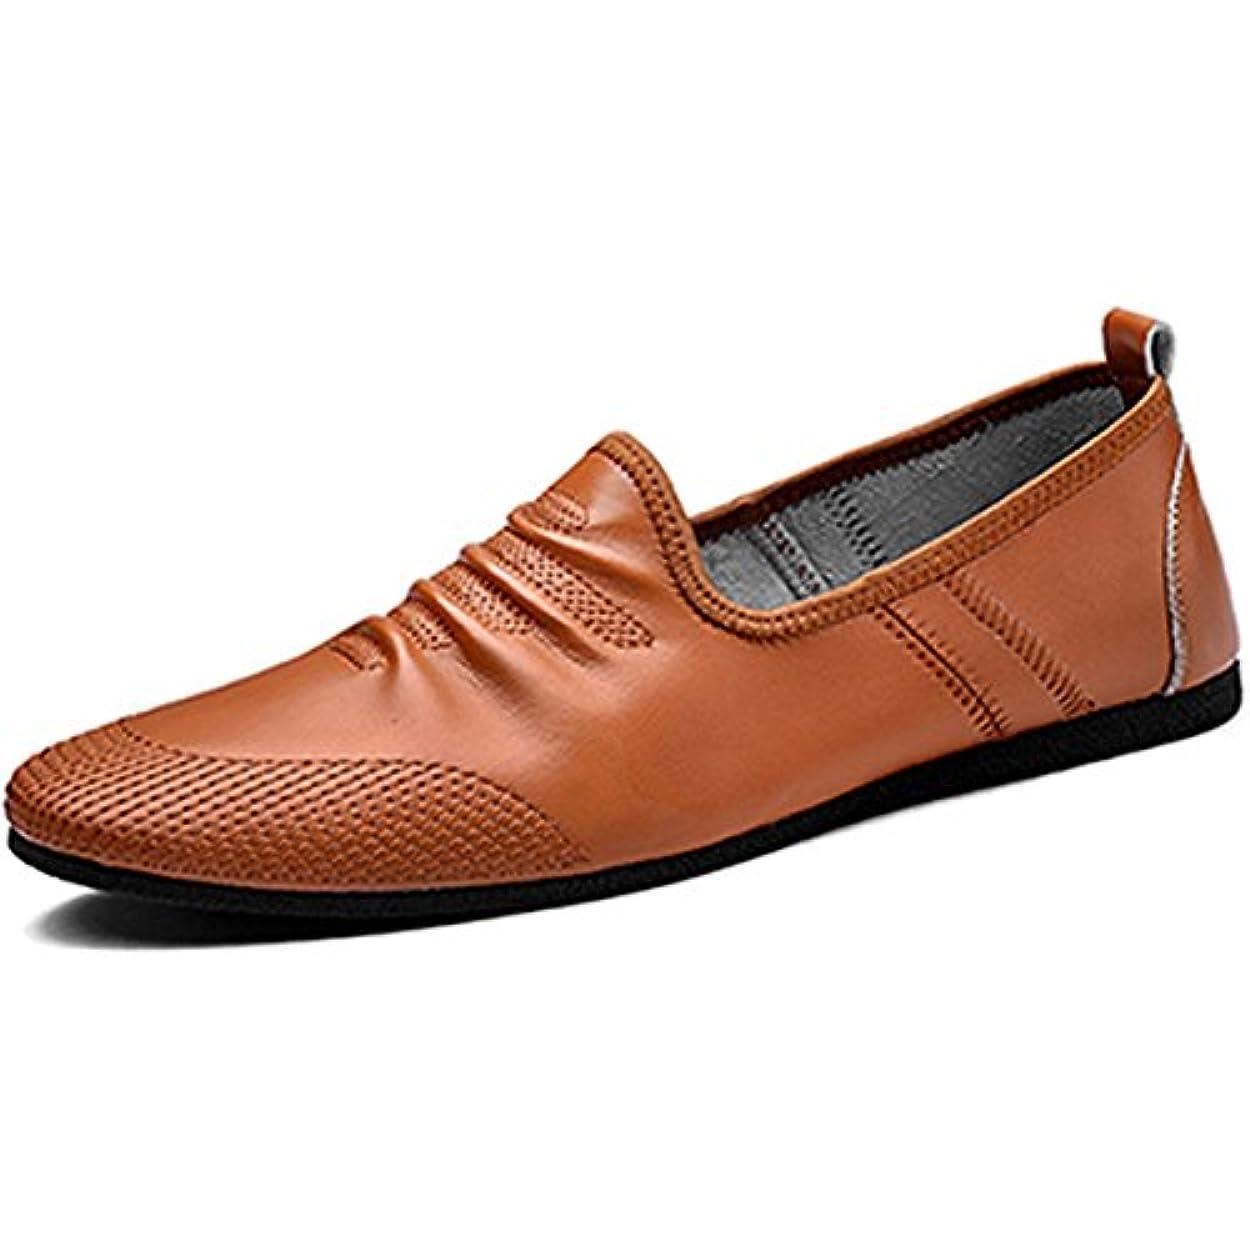 扇動する素晴らしい良い多くの日の出[つるかめ]Turukame ピーズの靴 カジュアルシューズ ドライビングシューズ 革靴 怠惰な靴 メンズ 牛革 滑り止め 通気性 軽量 手作り 疲れない イングランド風 スリッポン 日常着用